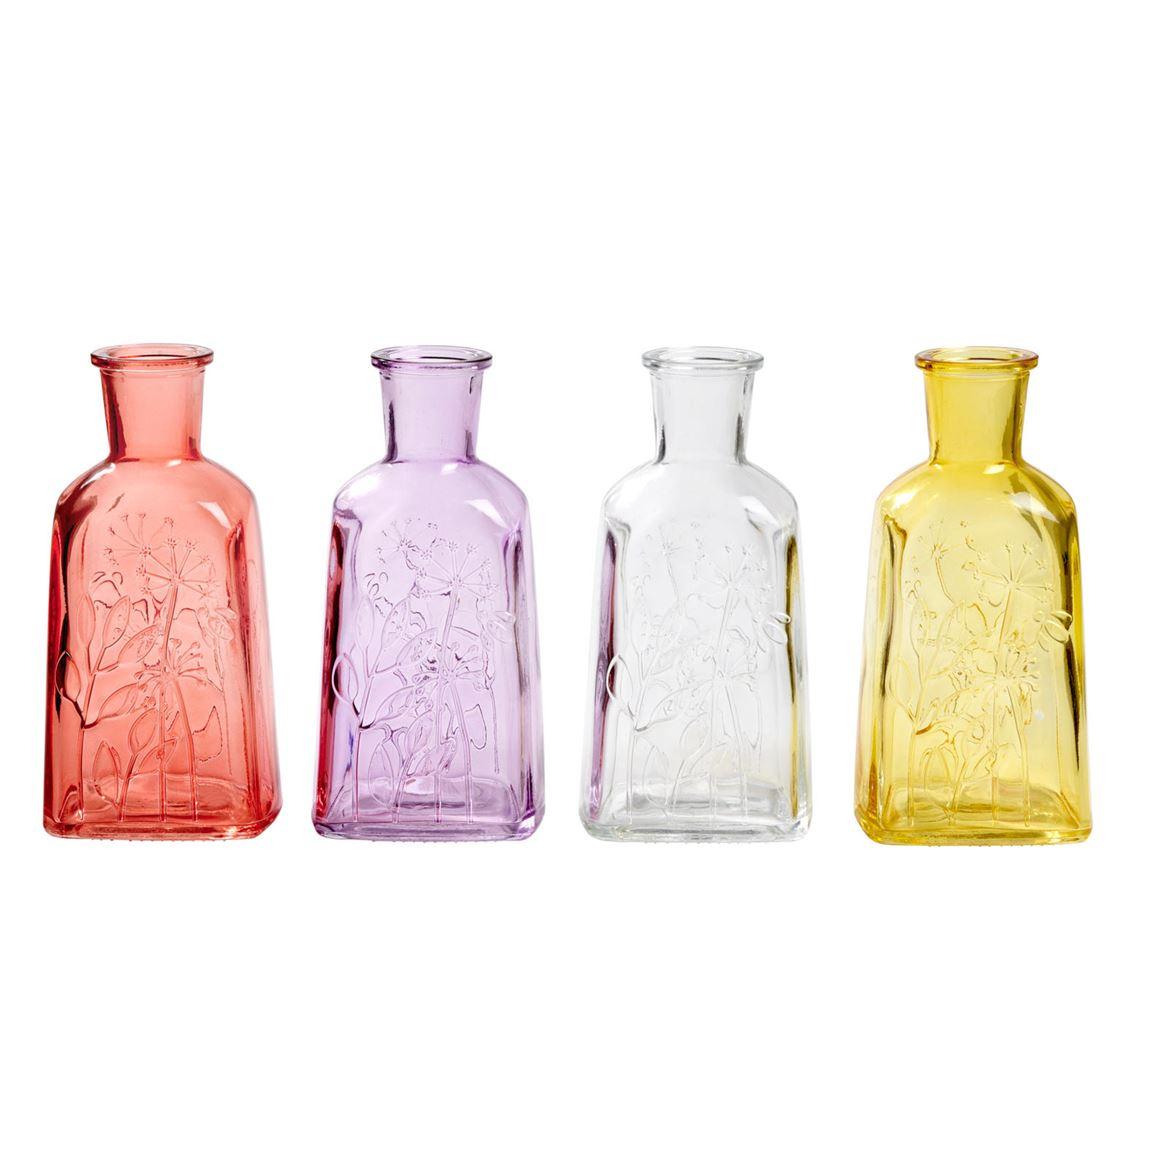 Vase Fiori Casa transparent - 19 x 9,2 x 7,2 cm (4 couleurs)